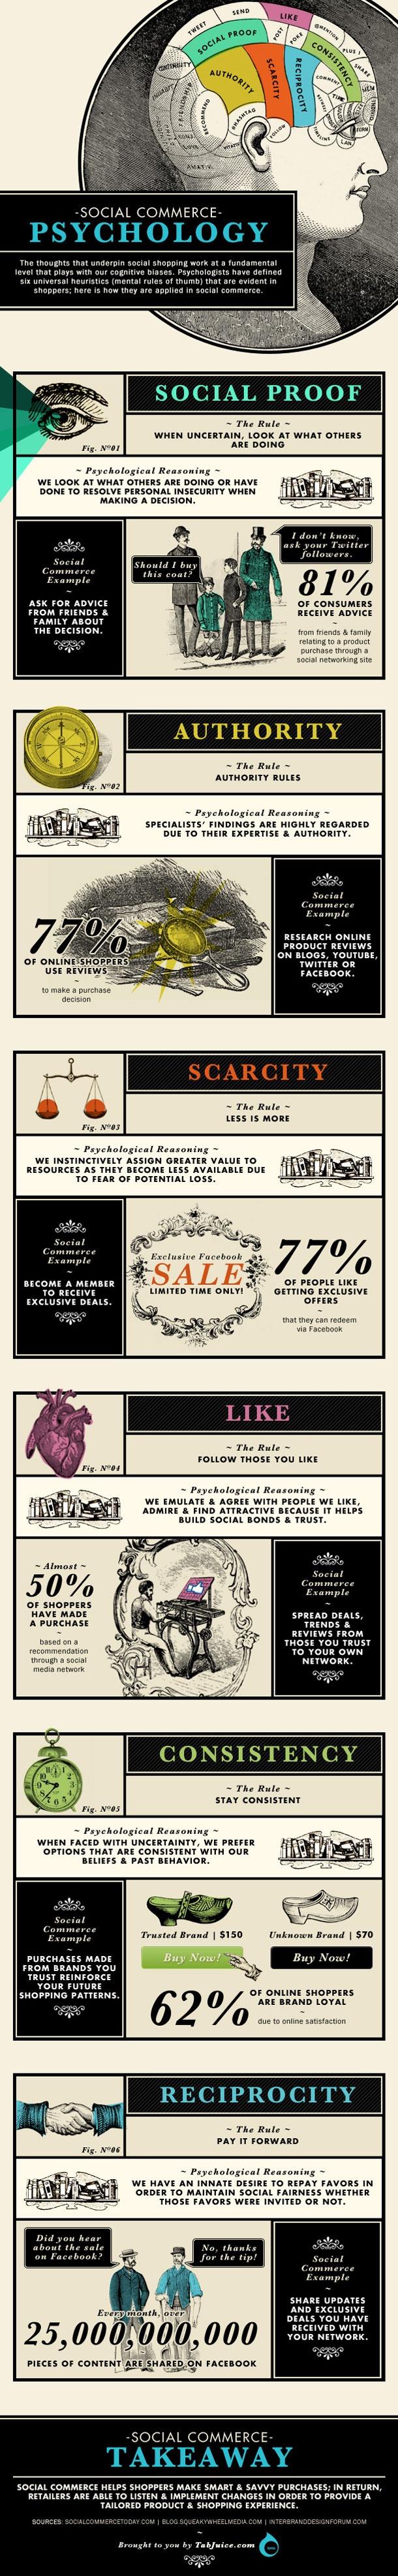 La Psychologie du Social Commerce en une infographie